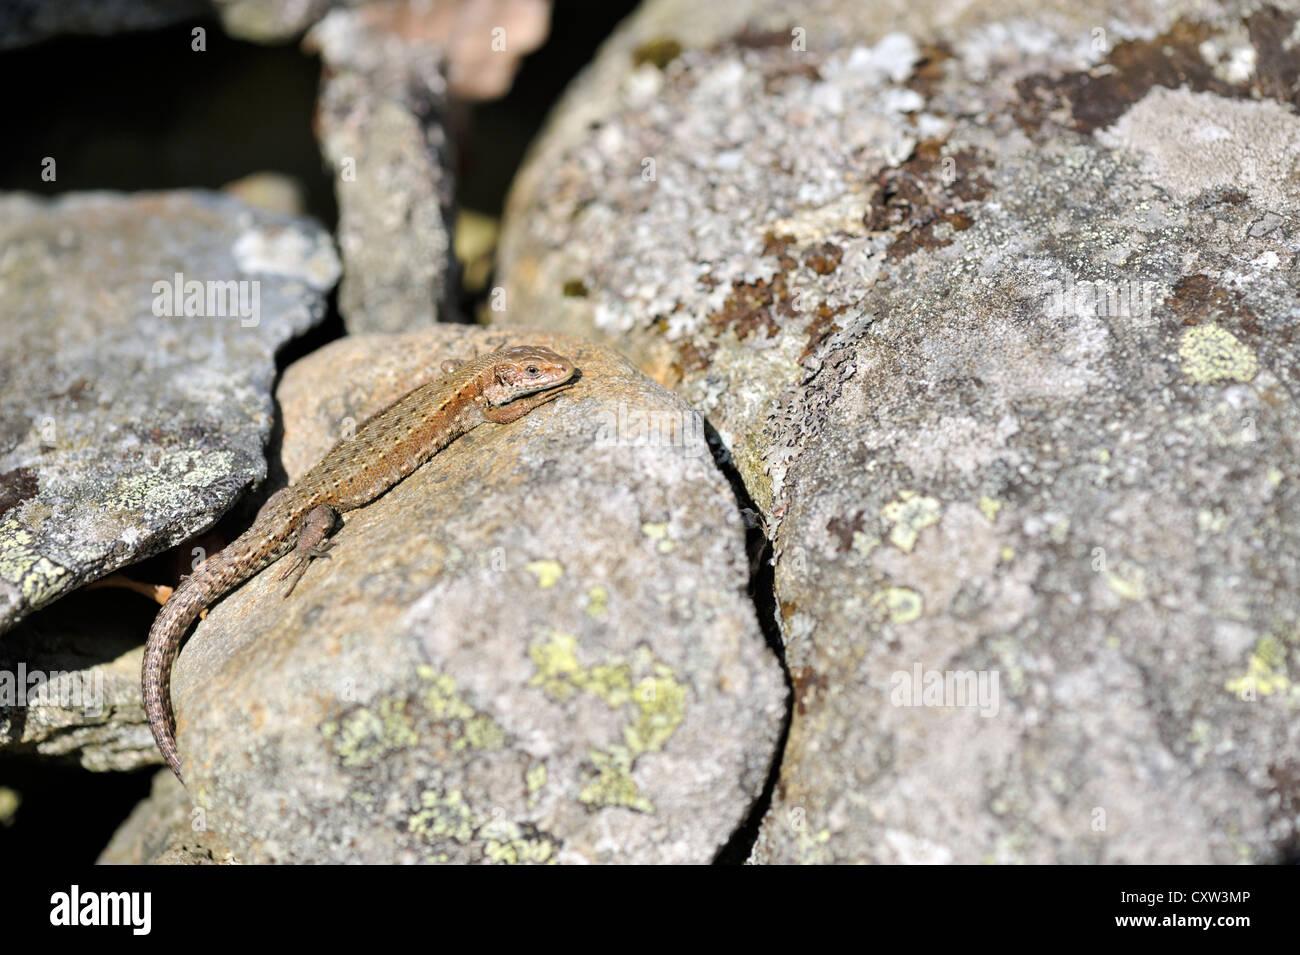 Gemeinen Eidechse (Lacerta Vivipara), auch bekannt als die vivipare Eidechse Stockfoto